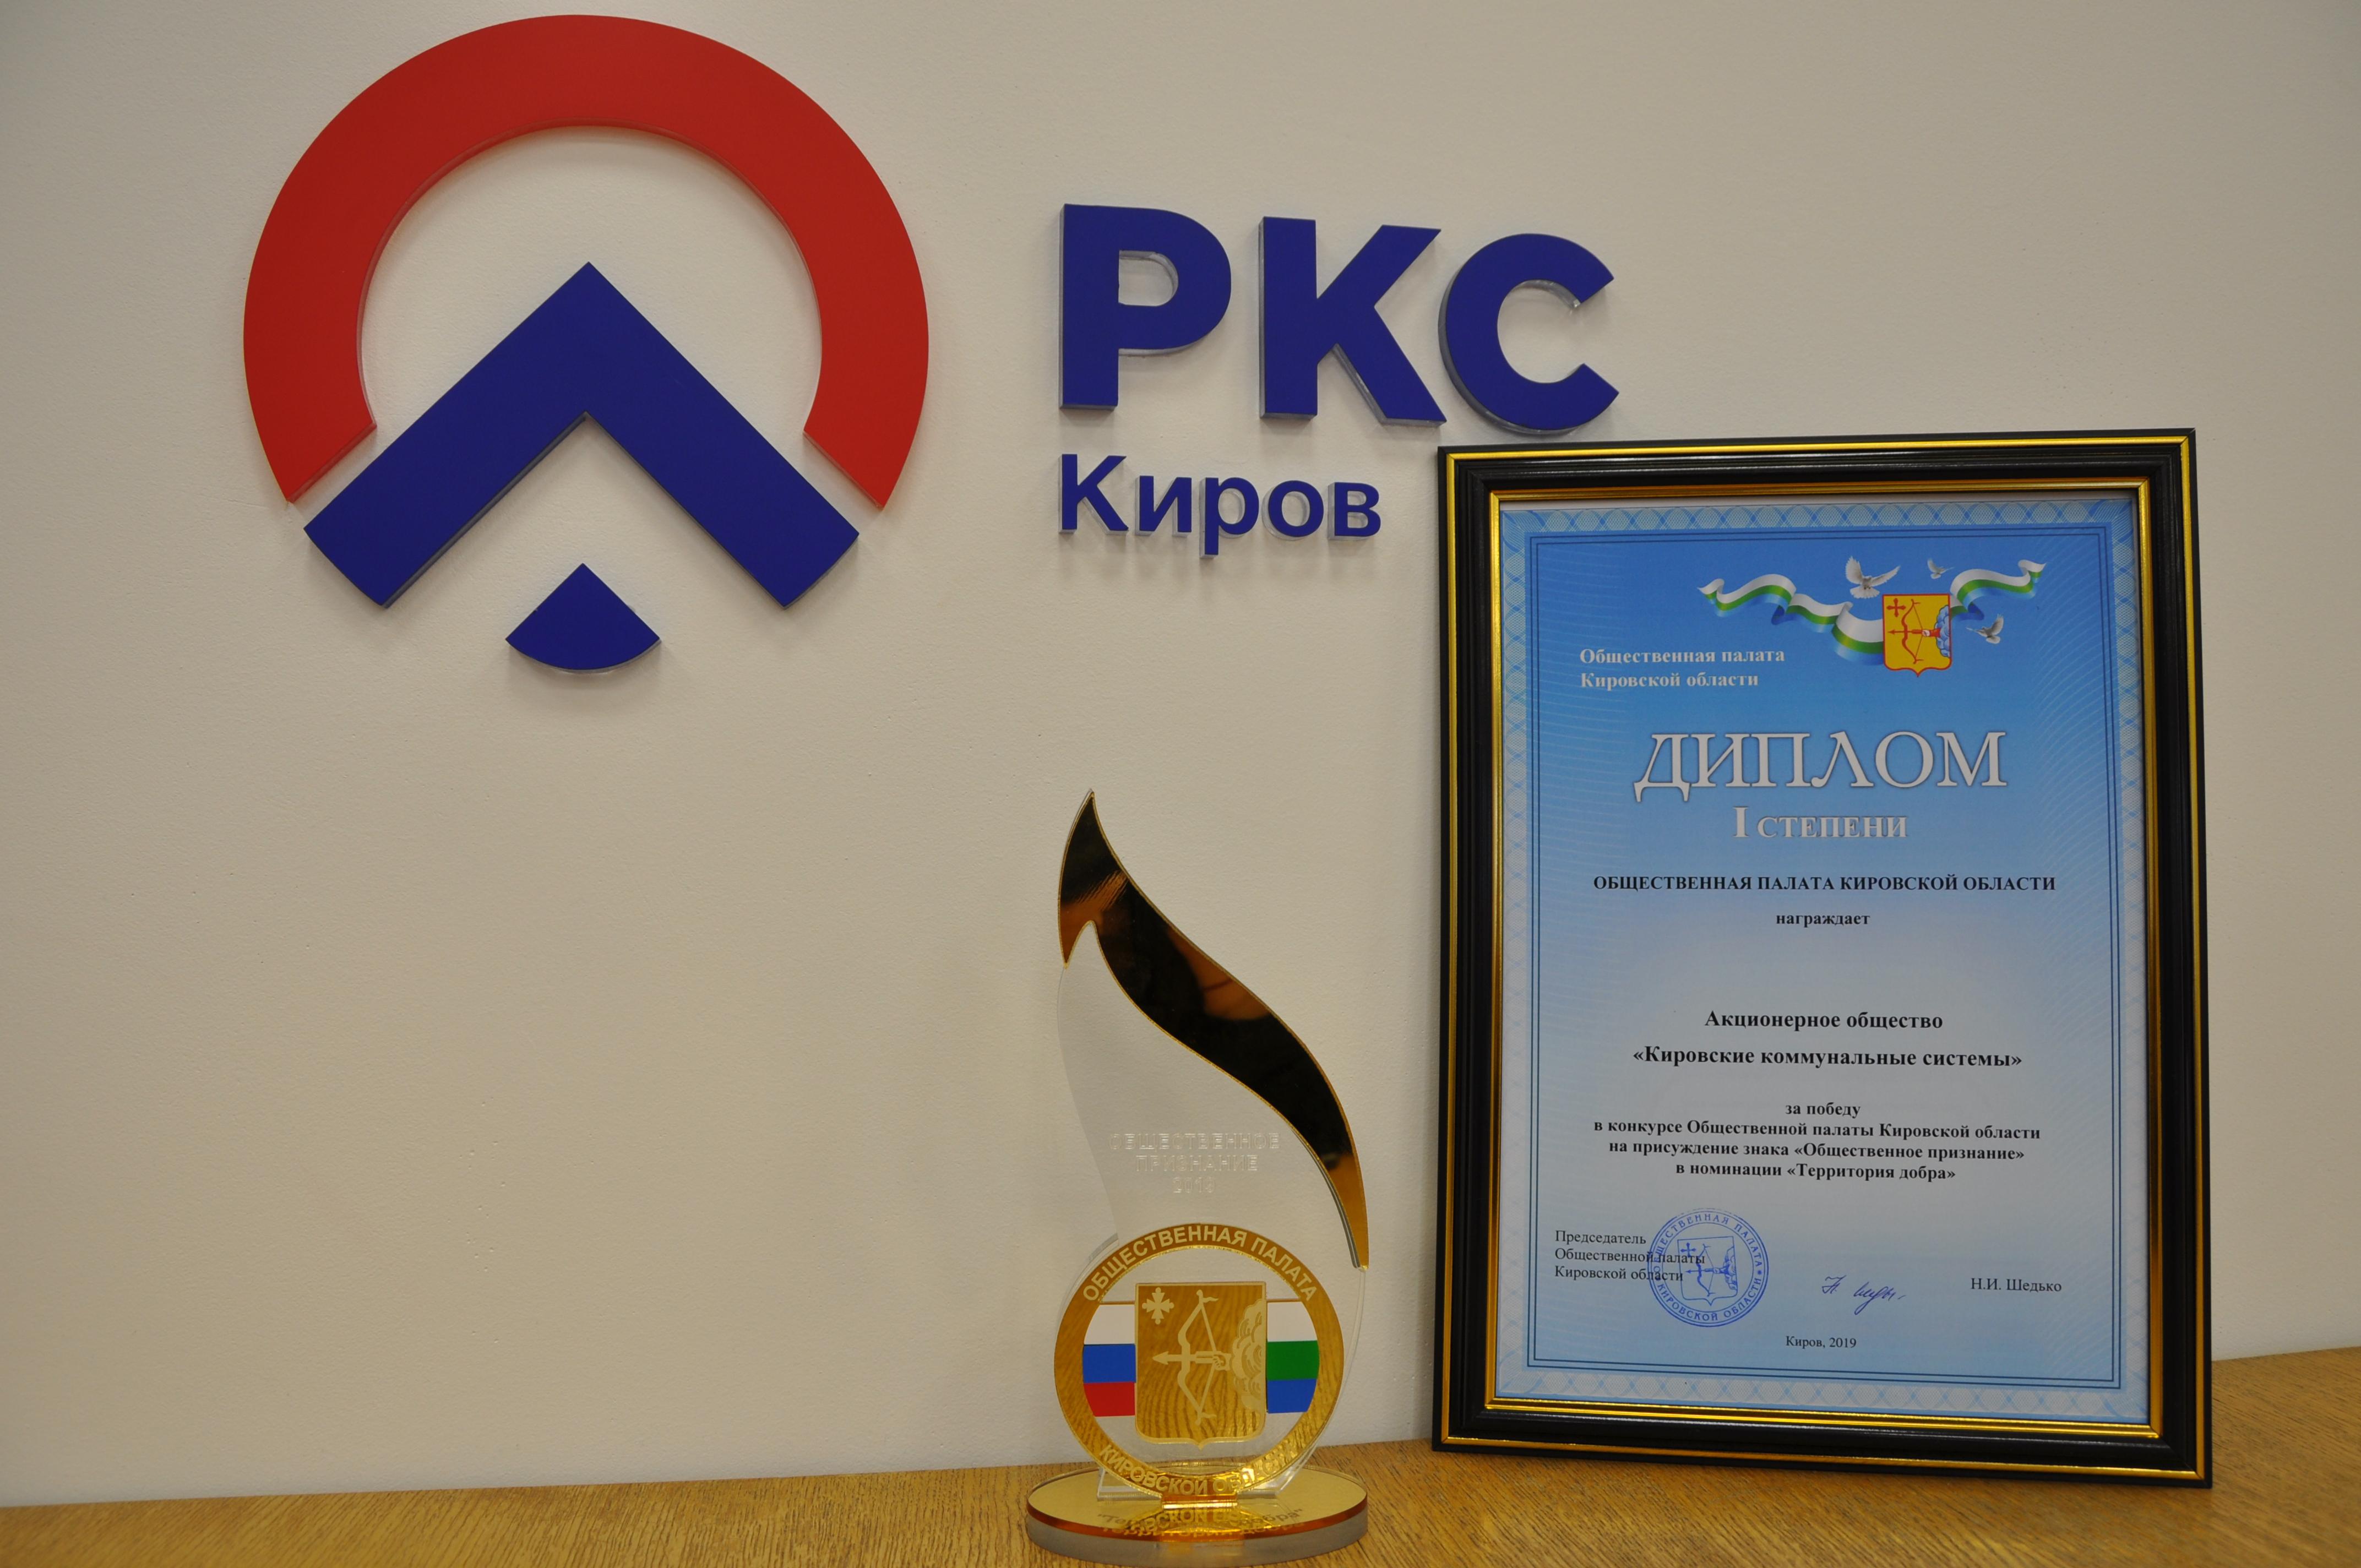 Проект «РКС-Киров» отмечен наградами